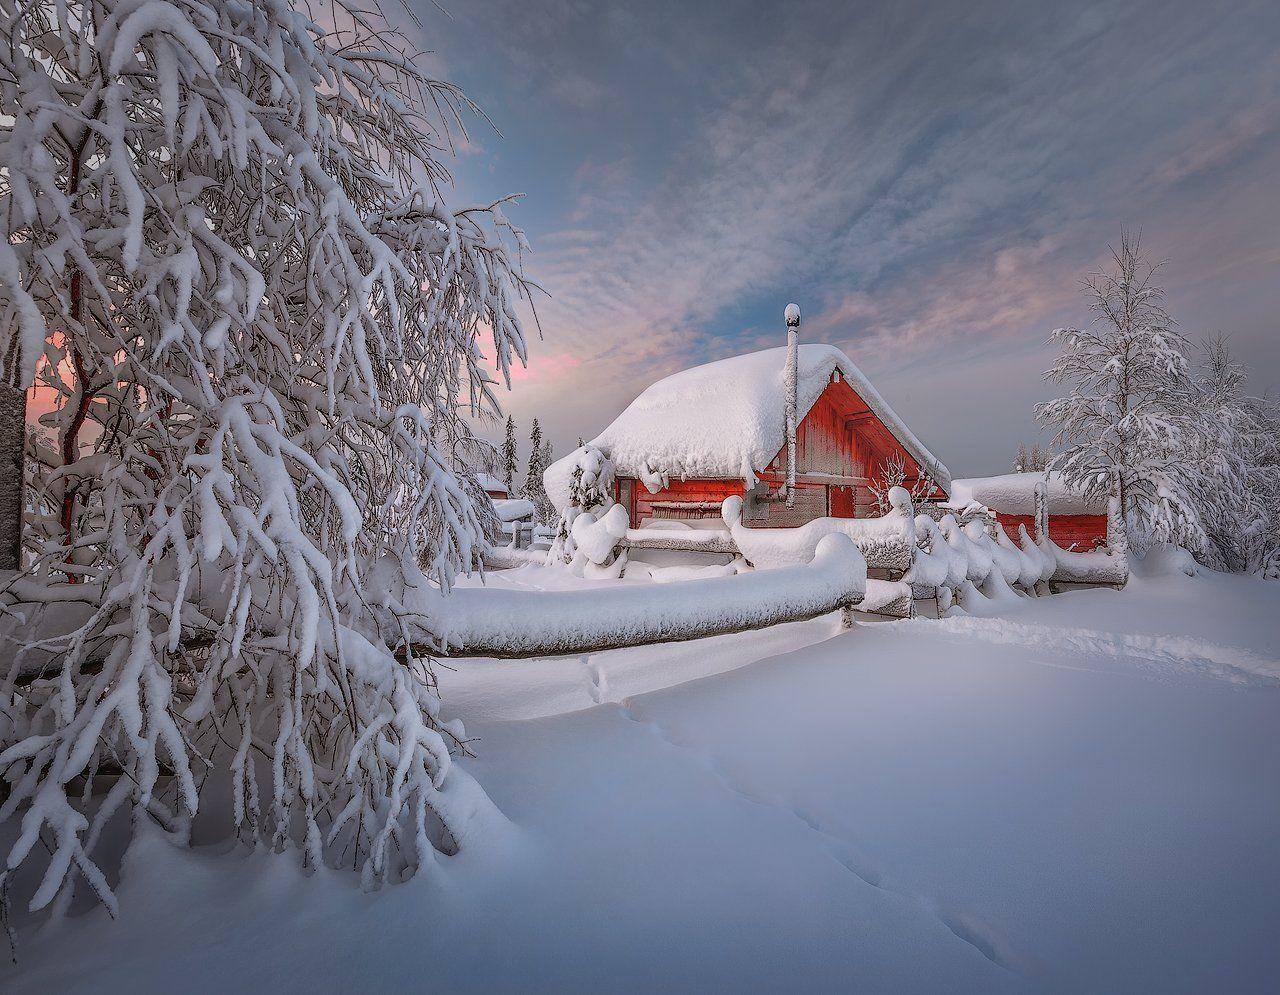 Картинки картины шишкина зима инно настаъинука